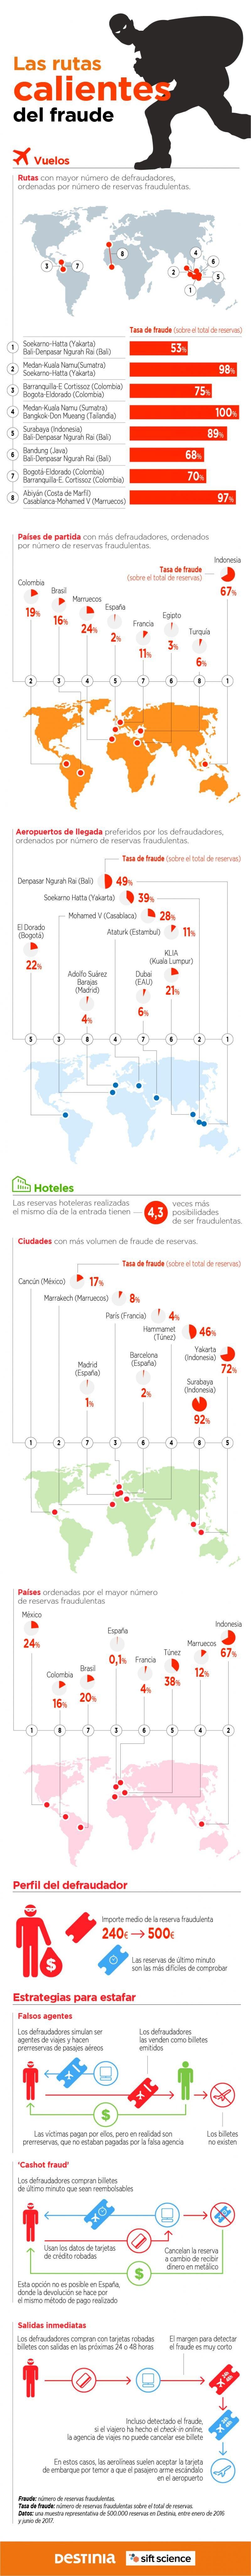 Los destinos más calientes del fraude en las reservas hoteleras y de vuelos